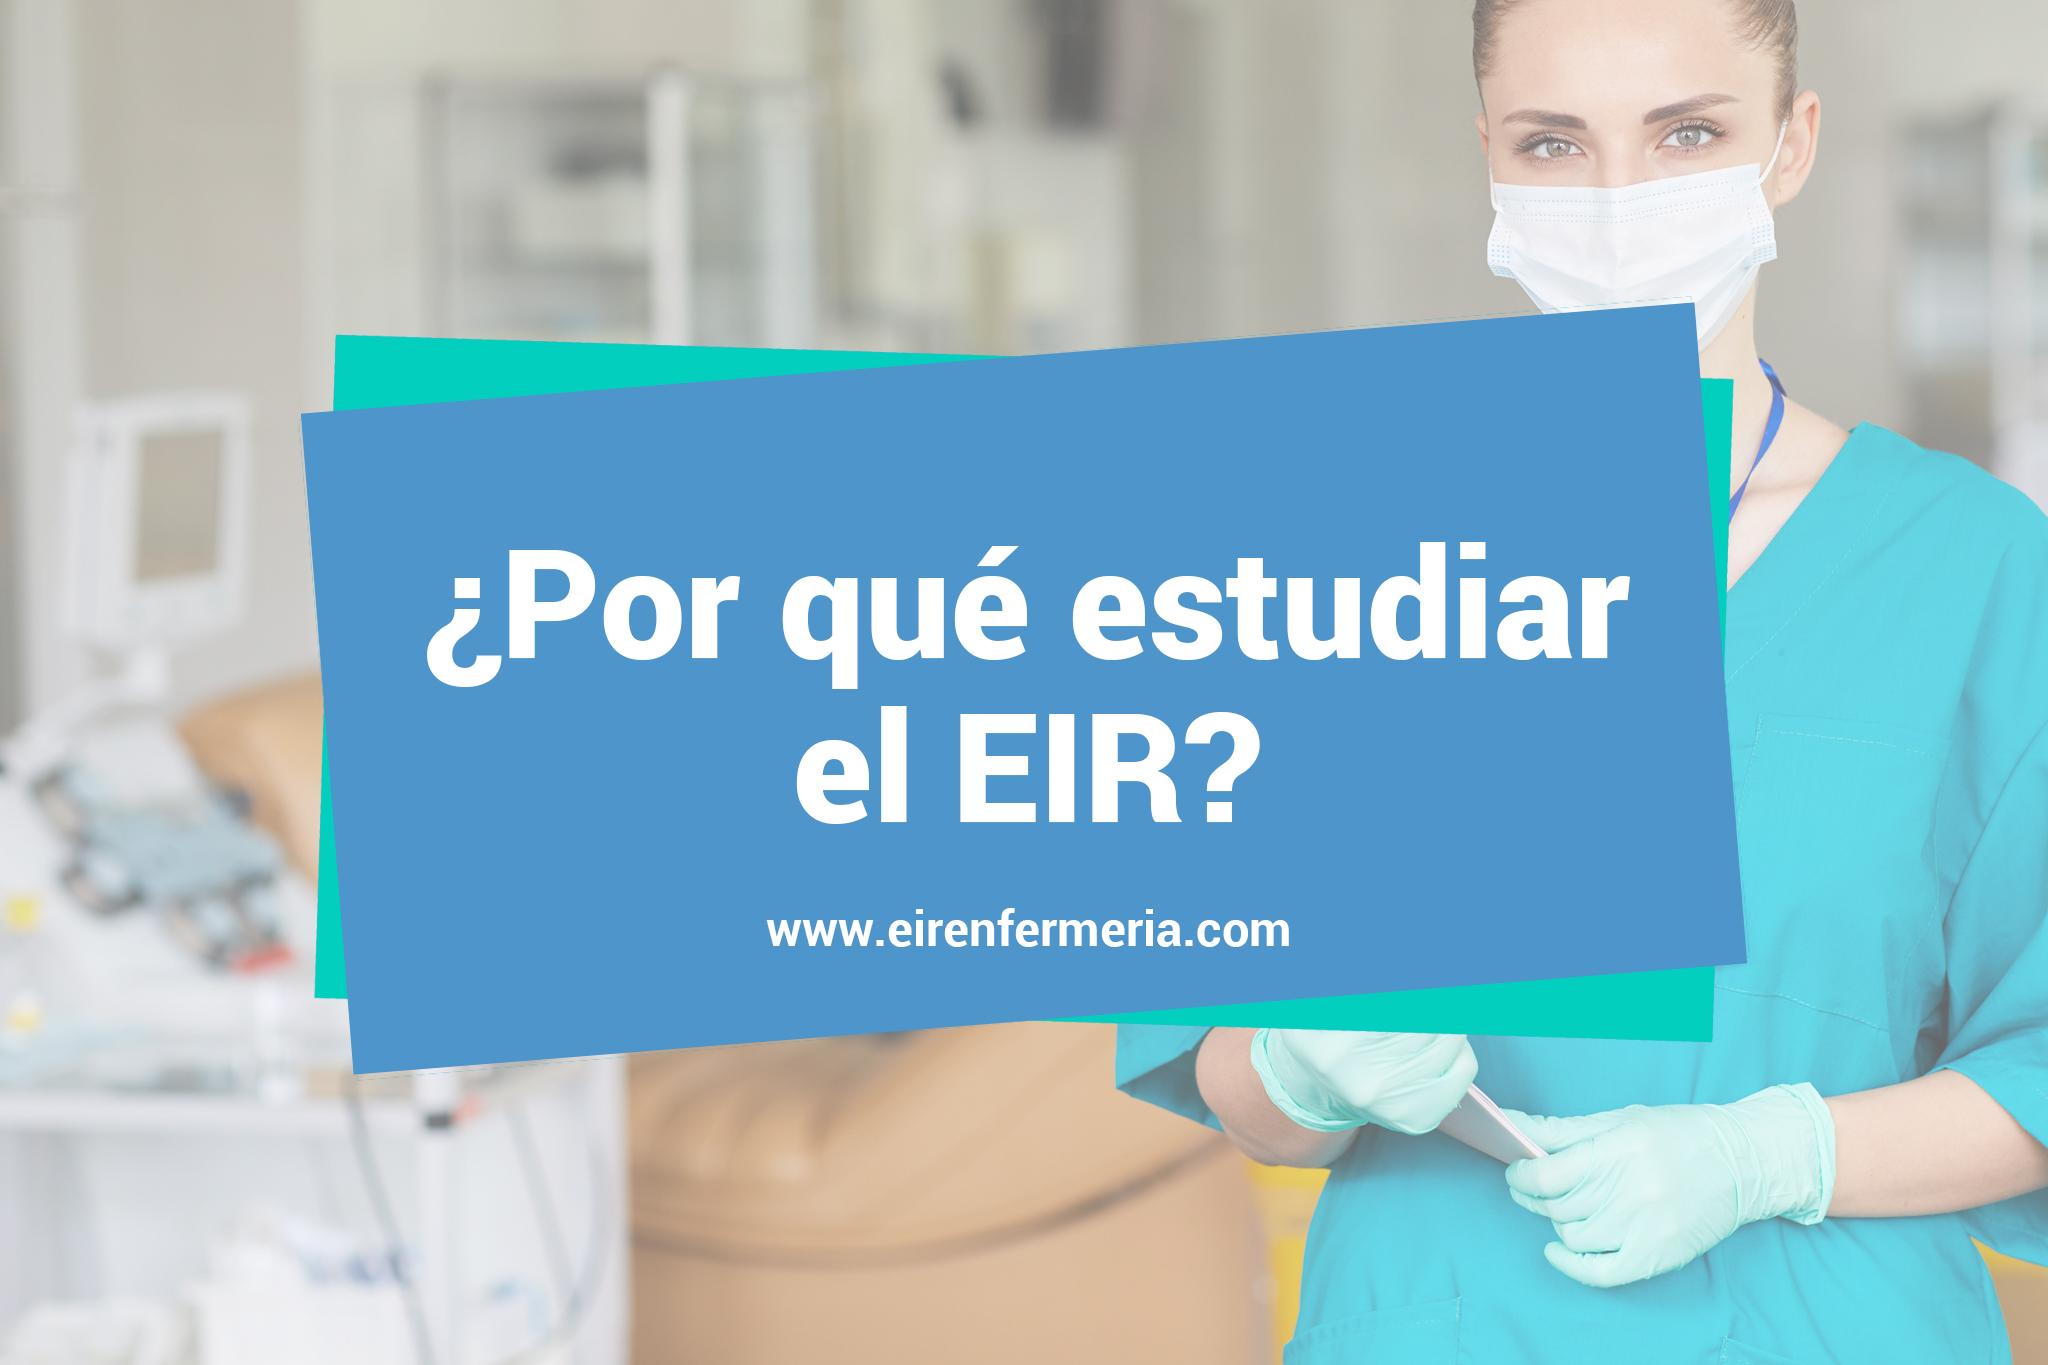 ¿Por qué estudiar el EIR enfermeria?